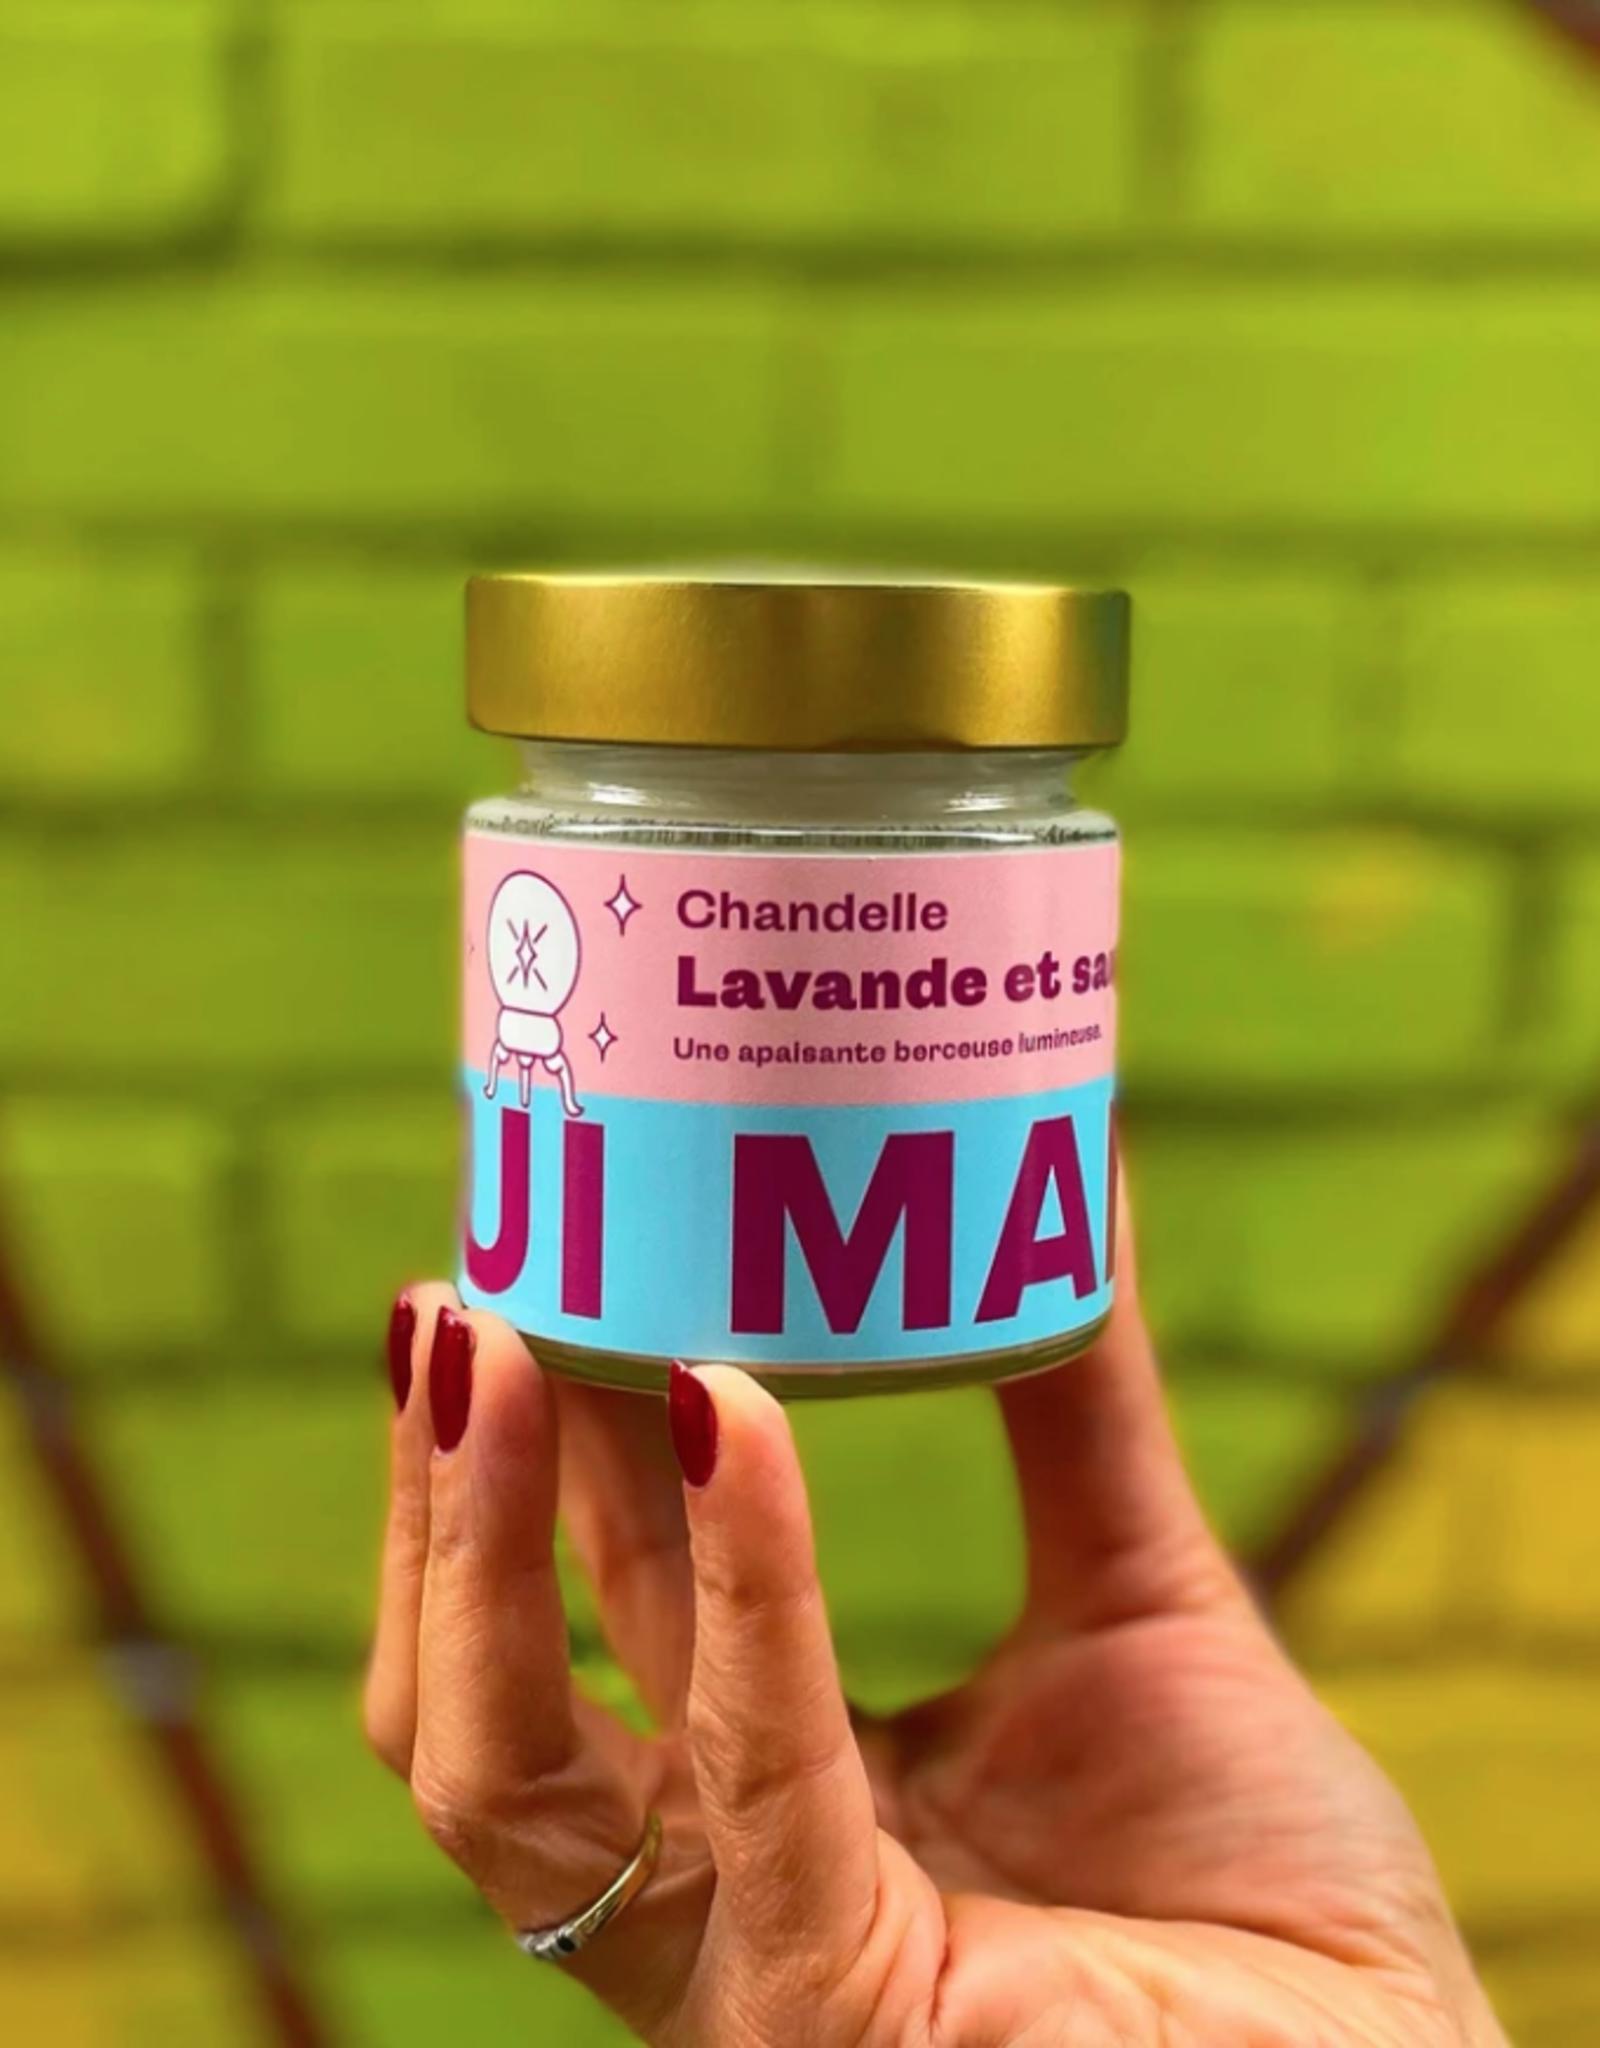 Marée Chandelles Oui Manon - Chandelles 212ml